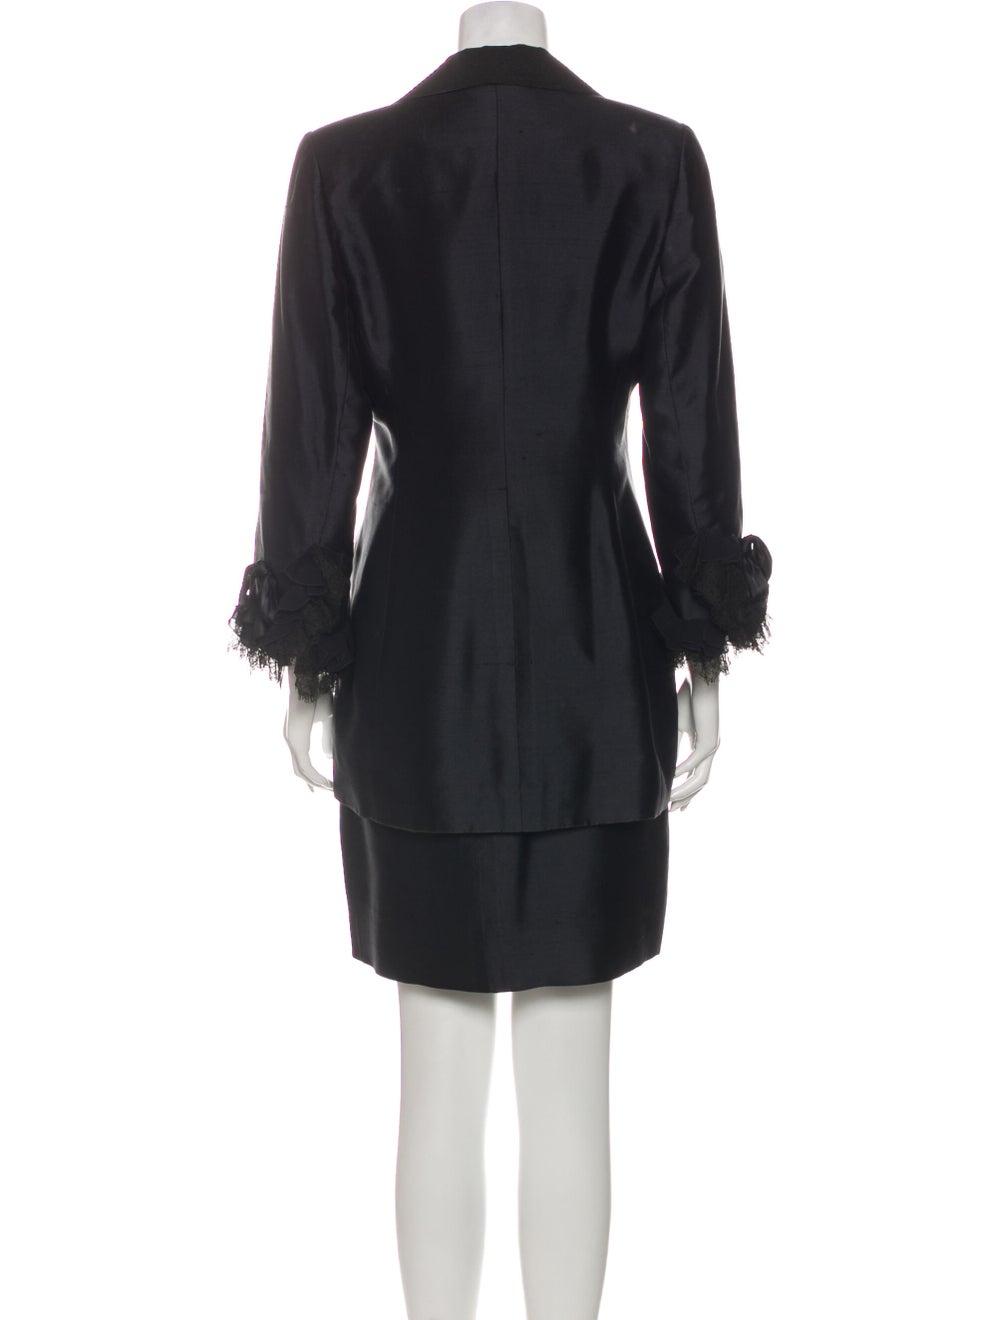 Christian Dior Vintage 1980's Skirt Suit Black - image 3